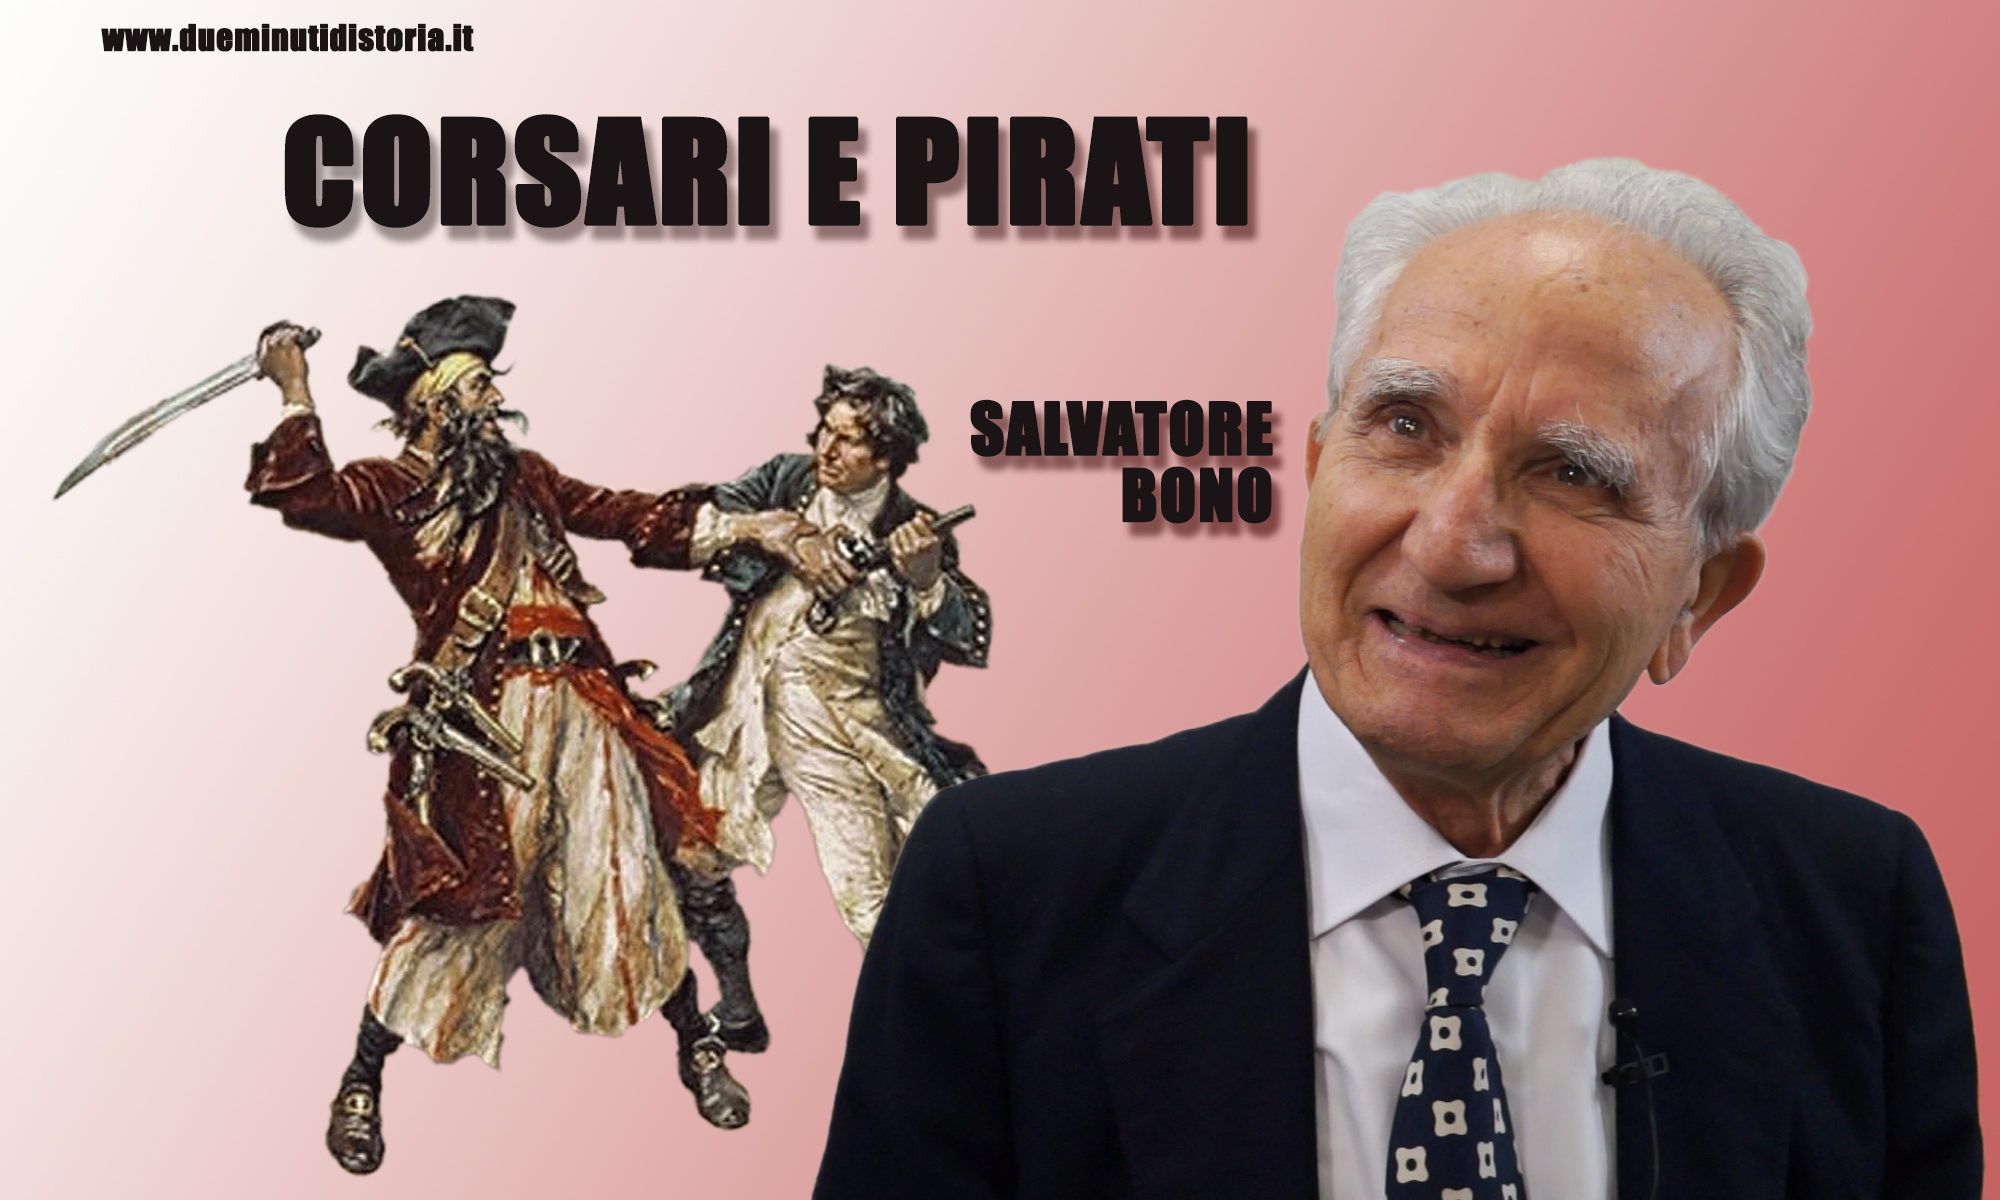 Corsari e pirati